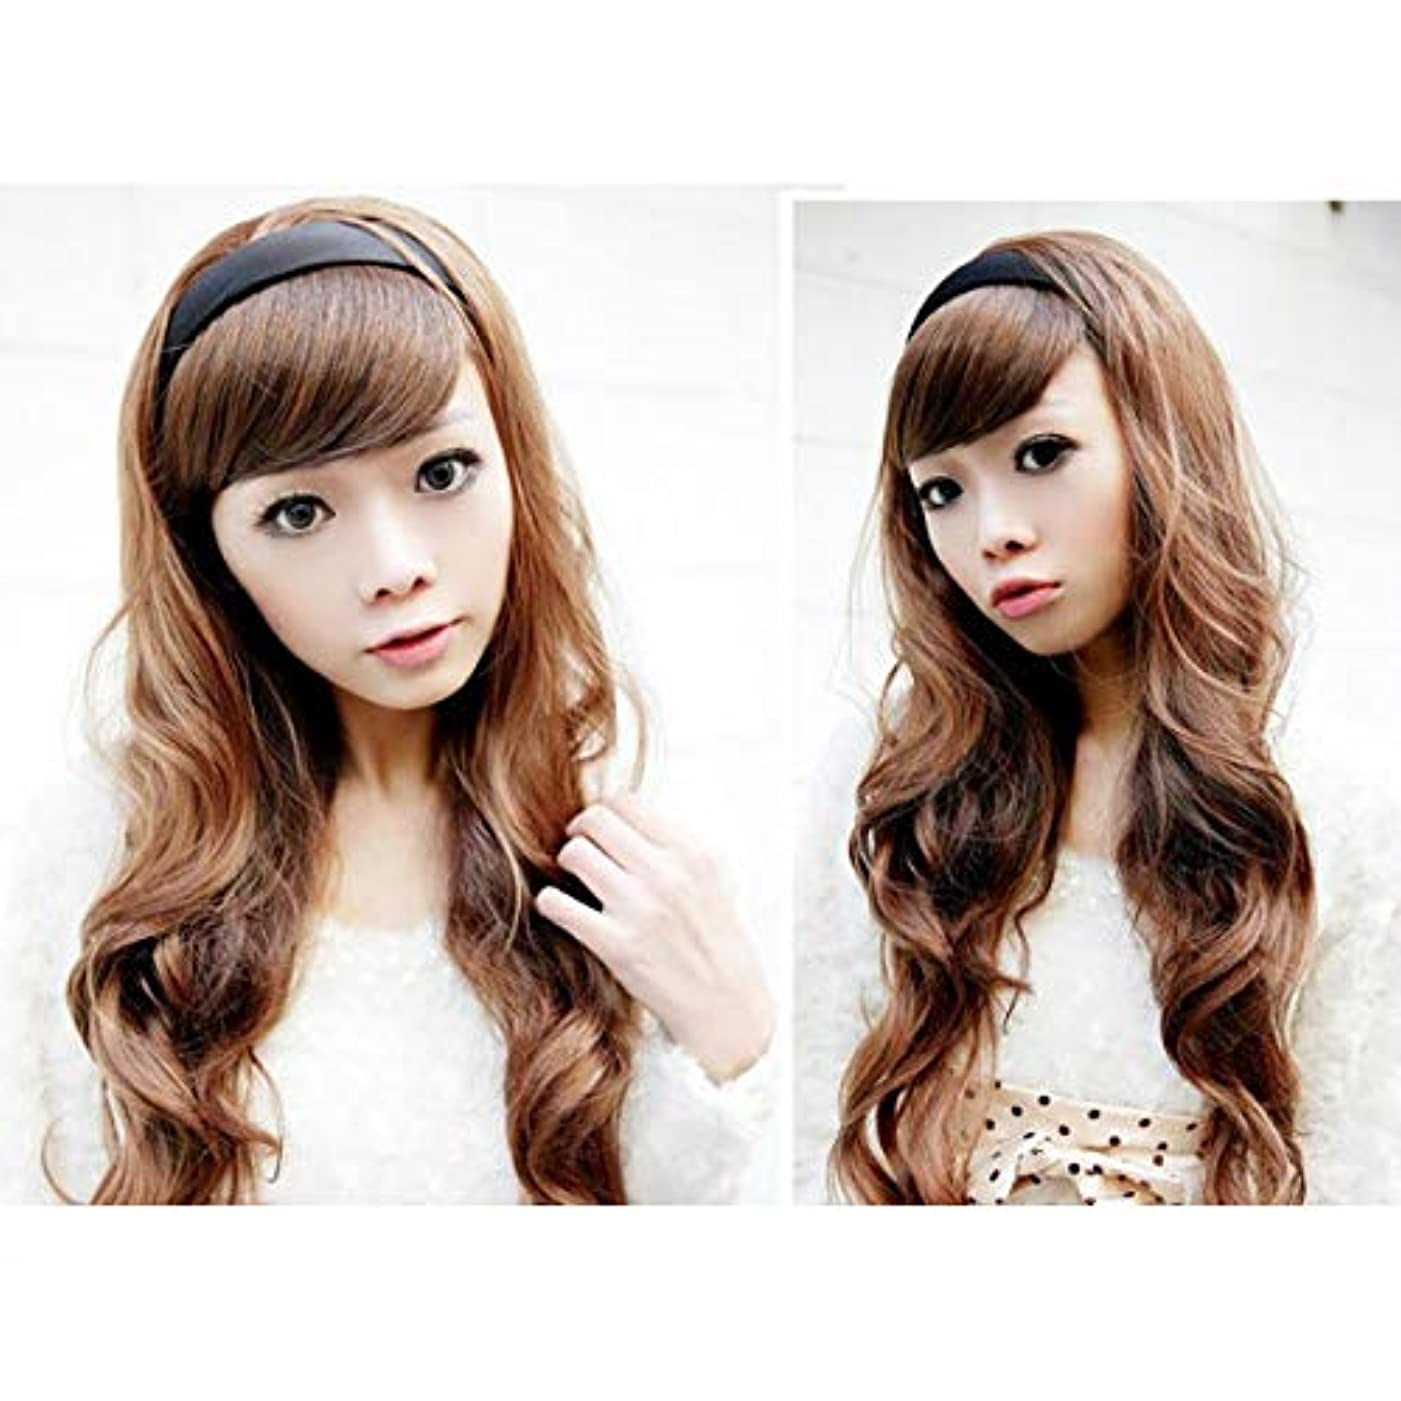 菊遺伝子騙すYZUEYT 女性の毛のウィッグは、黒いフープのヘッドブランドと長い波状 YZUEYT (Color : Color Dark Brown, Size : One size)